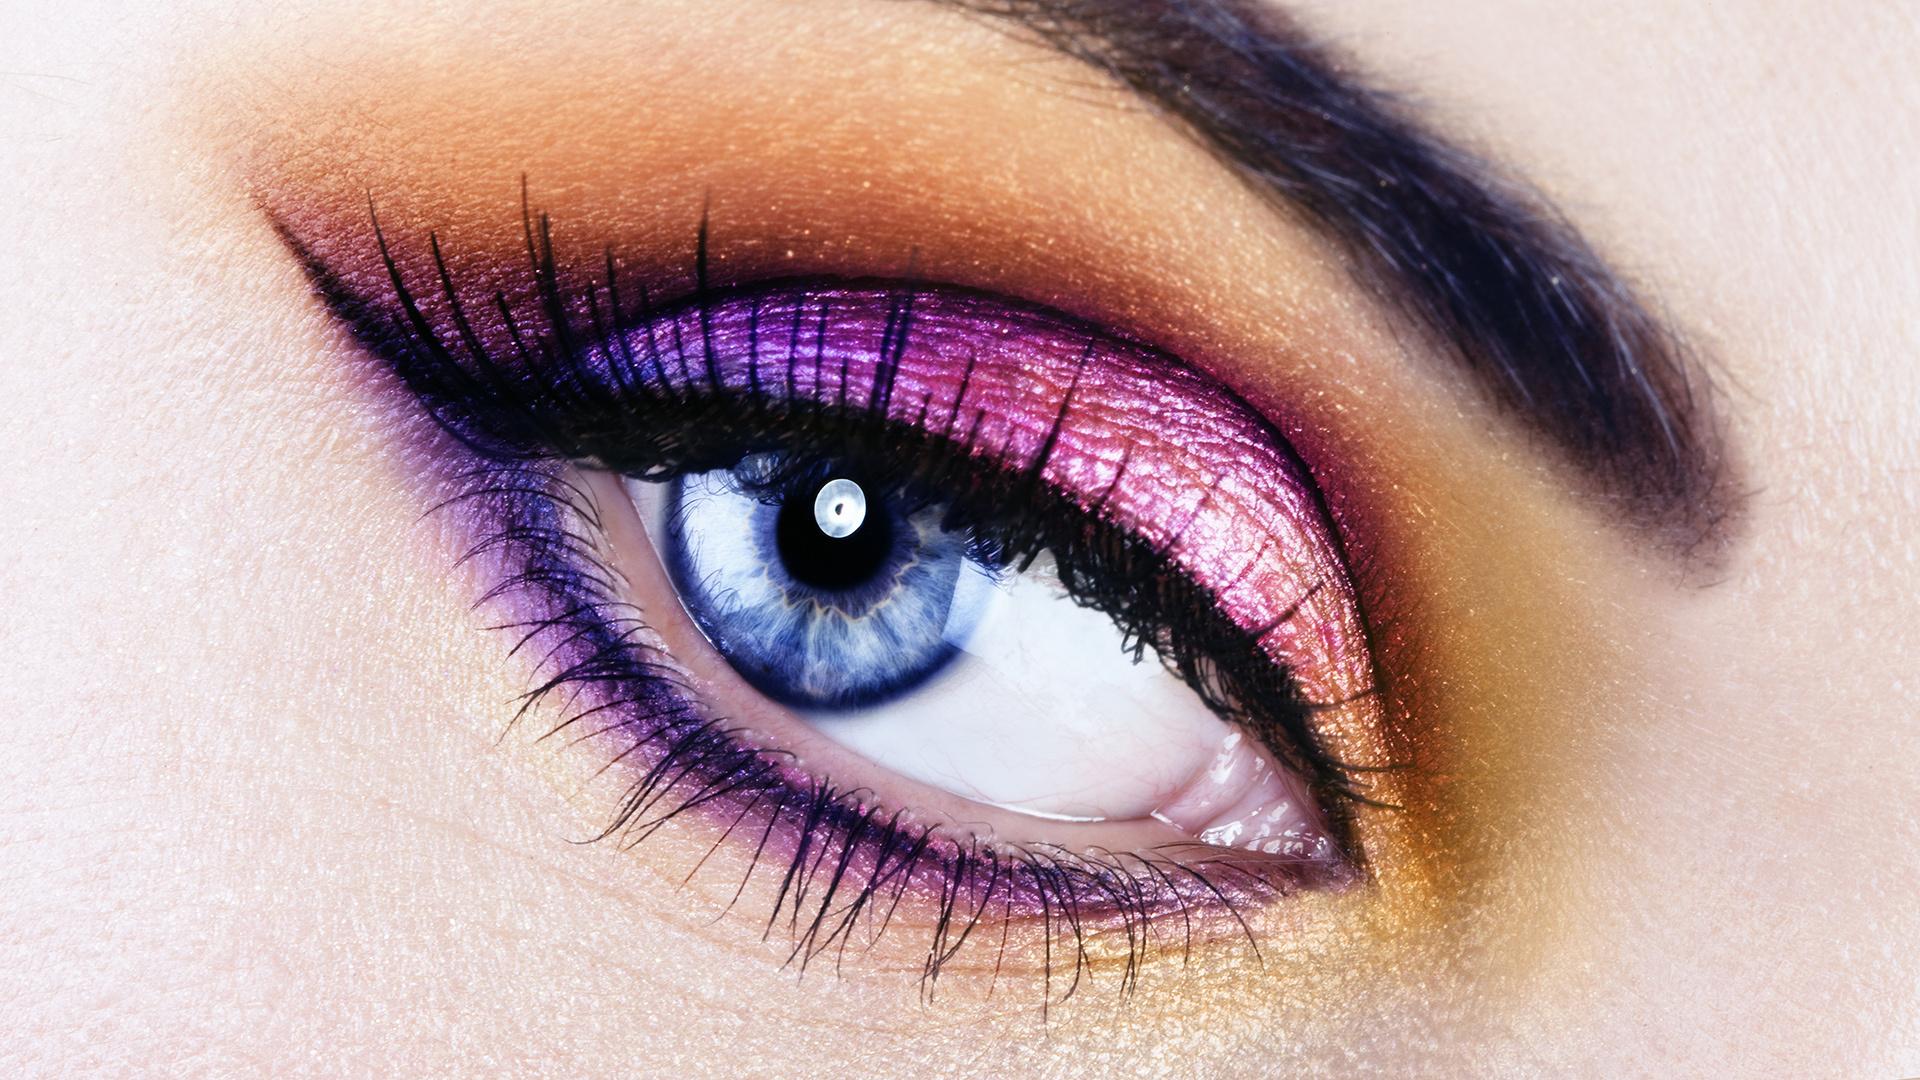 Eye Wallpaper HD 47251 1920x1080 px HDWallSourcecom